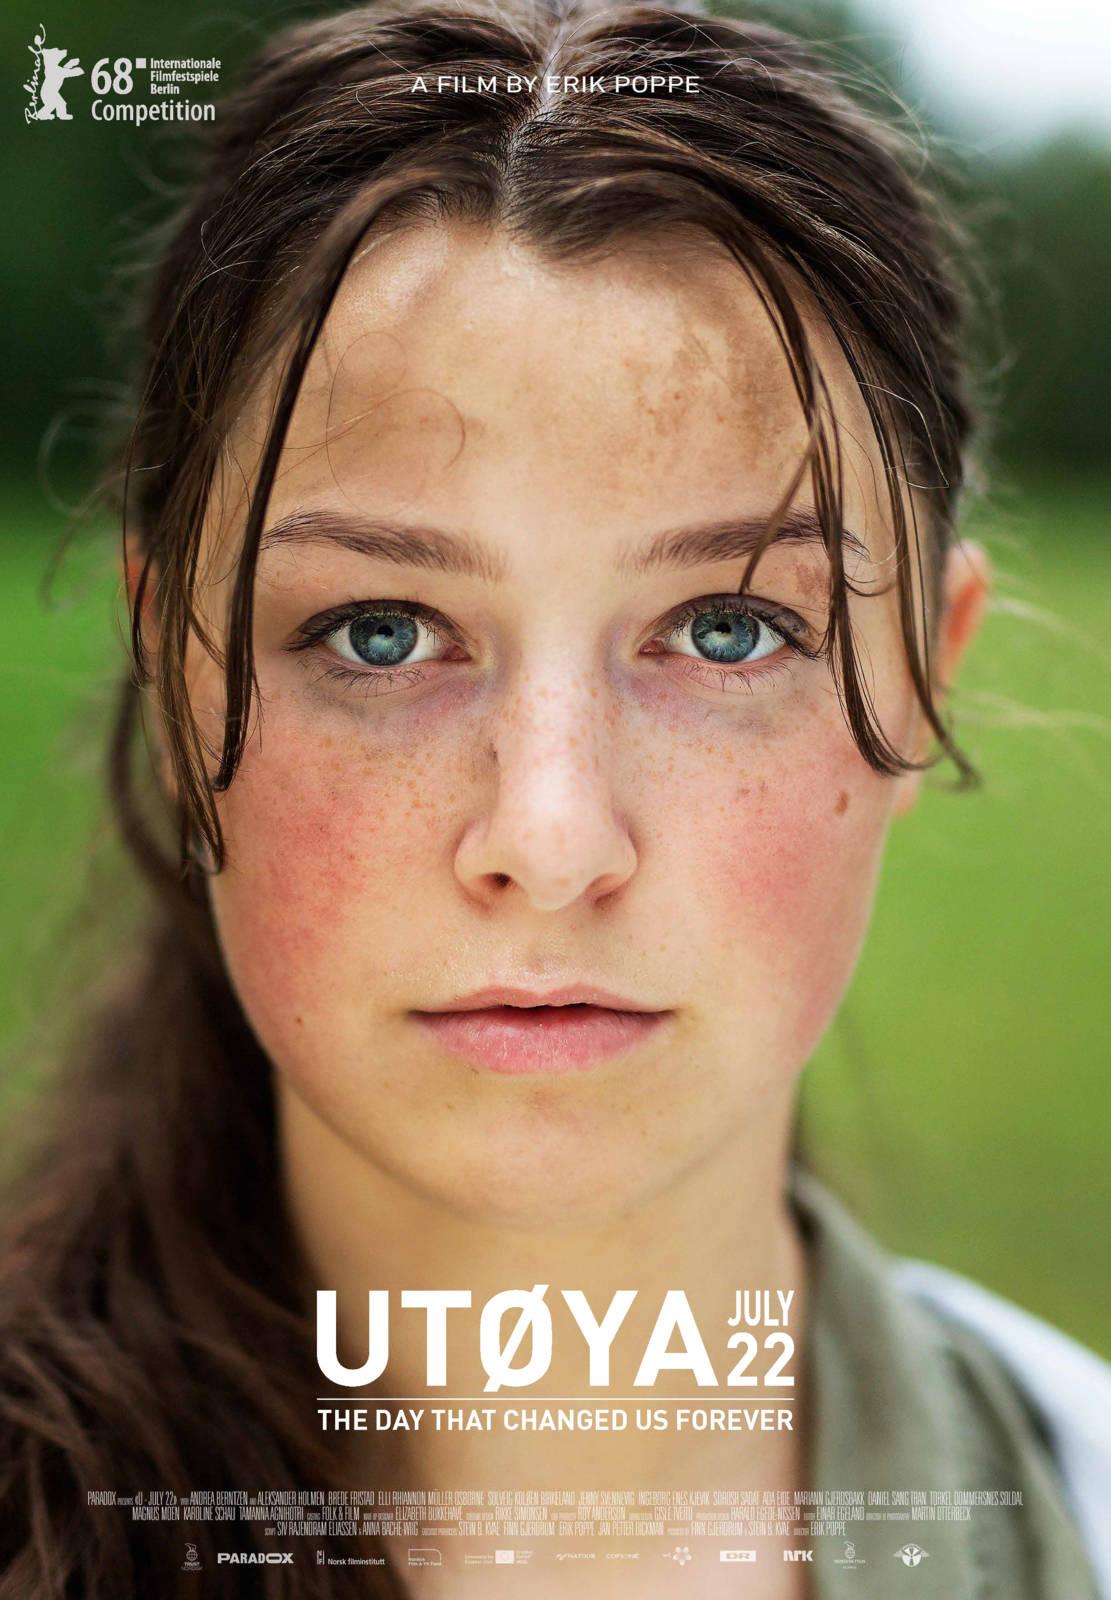 22 juli film